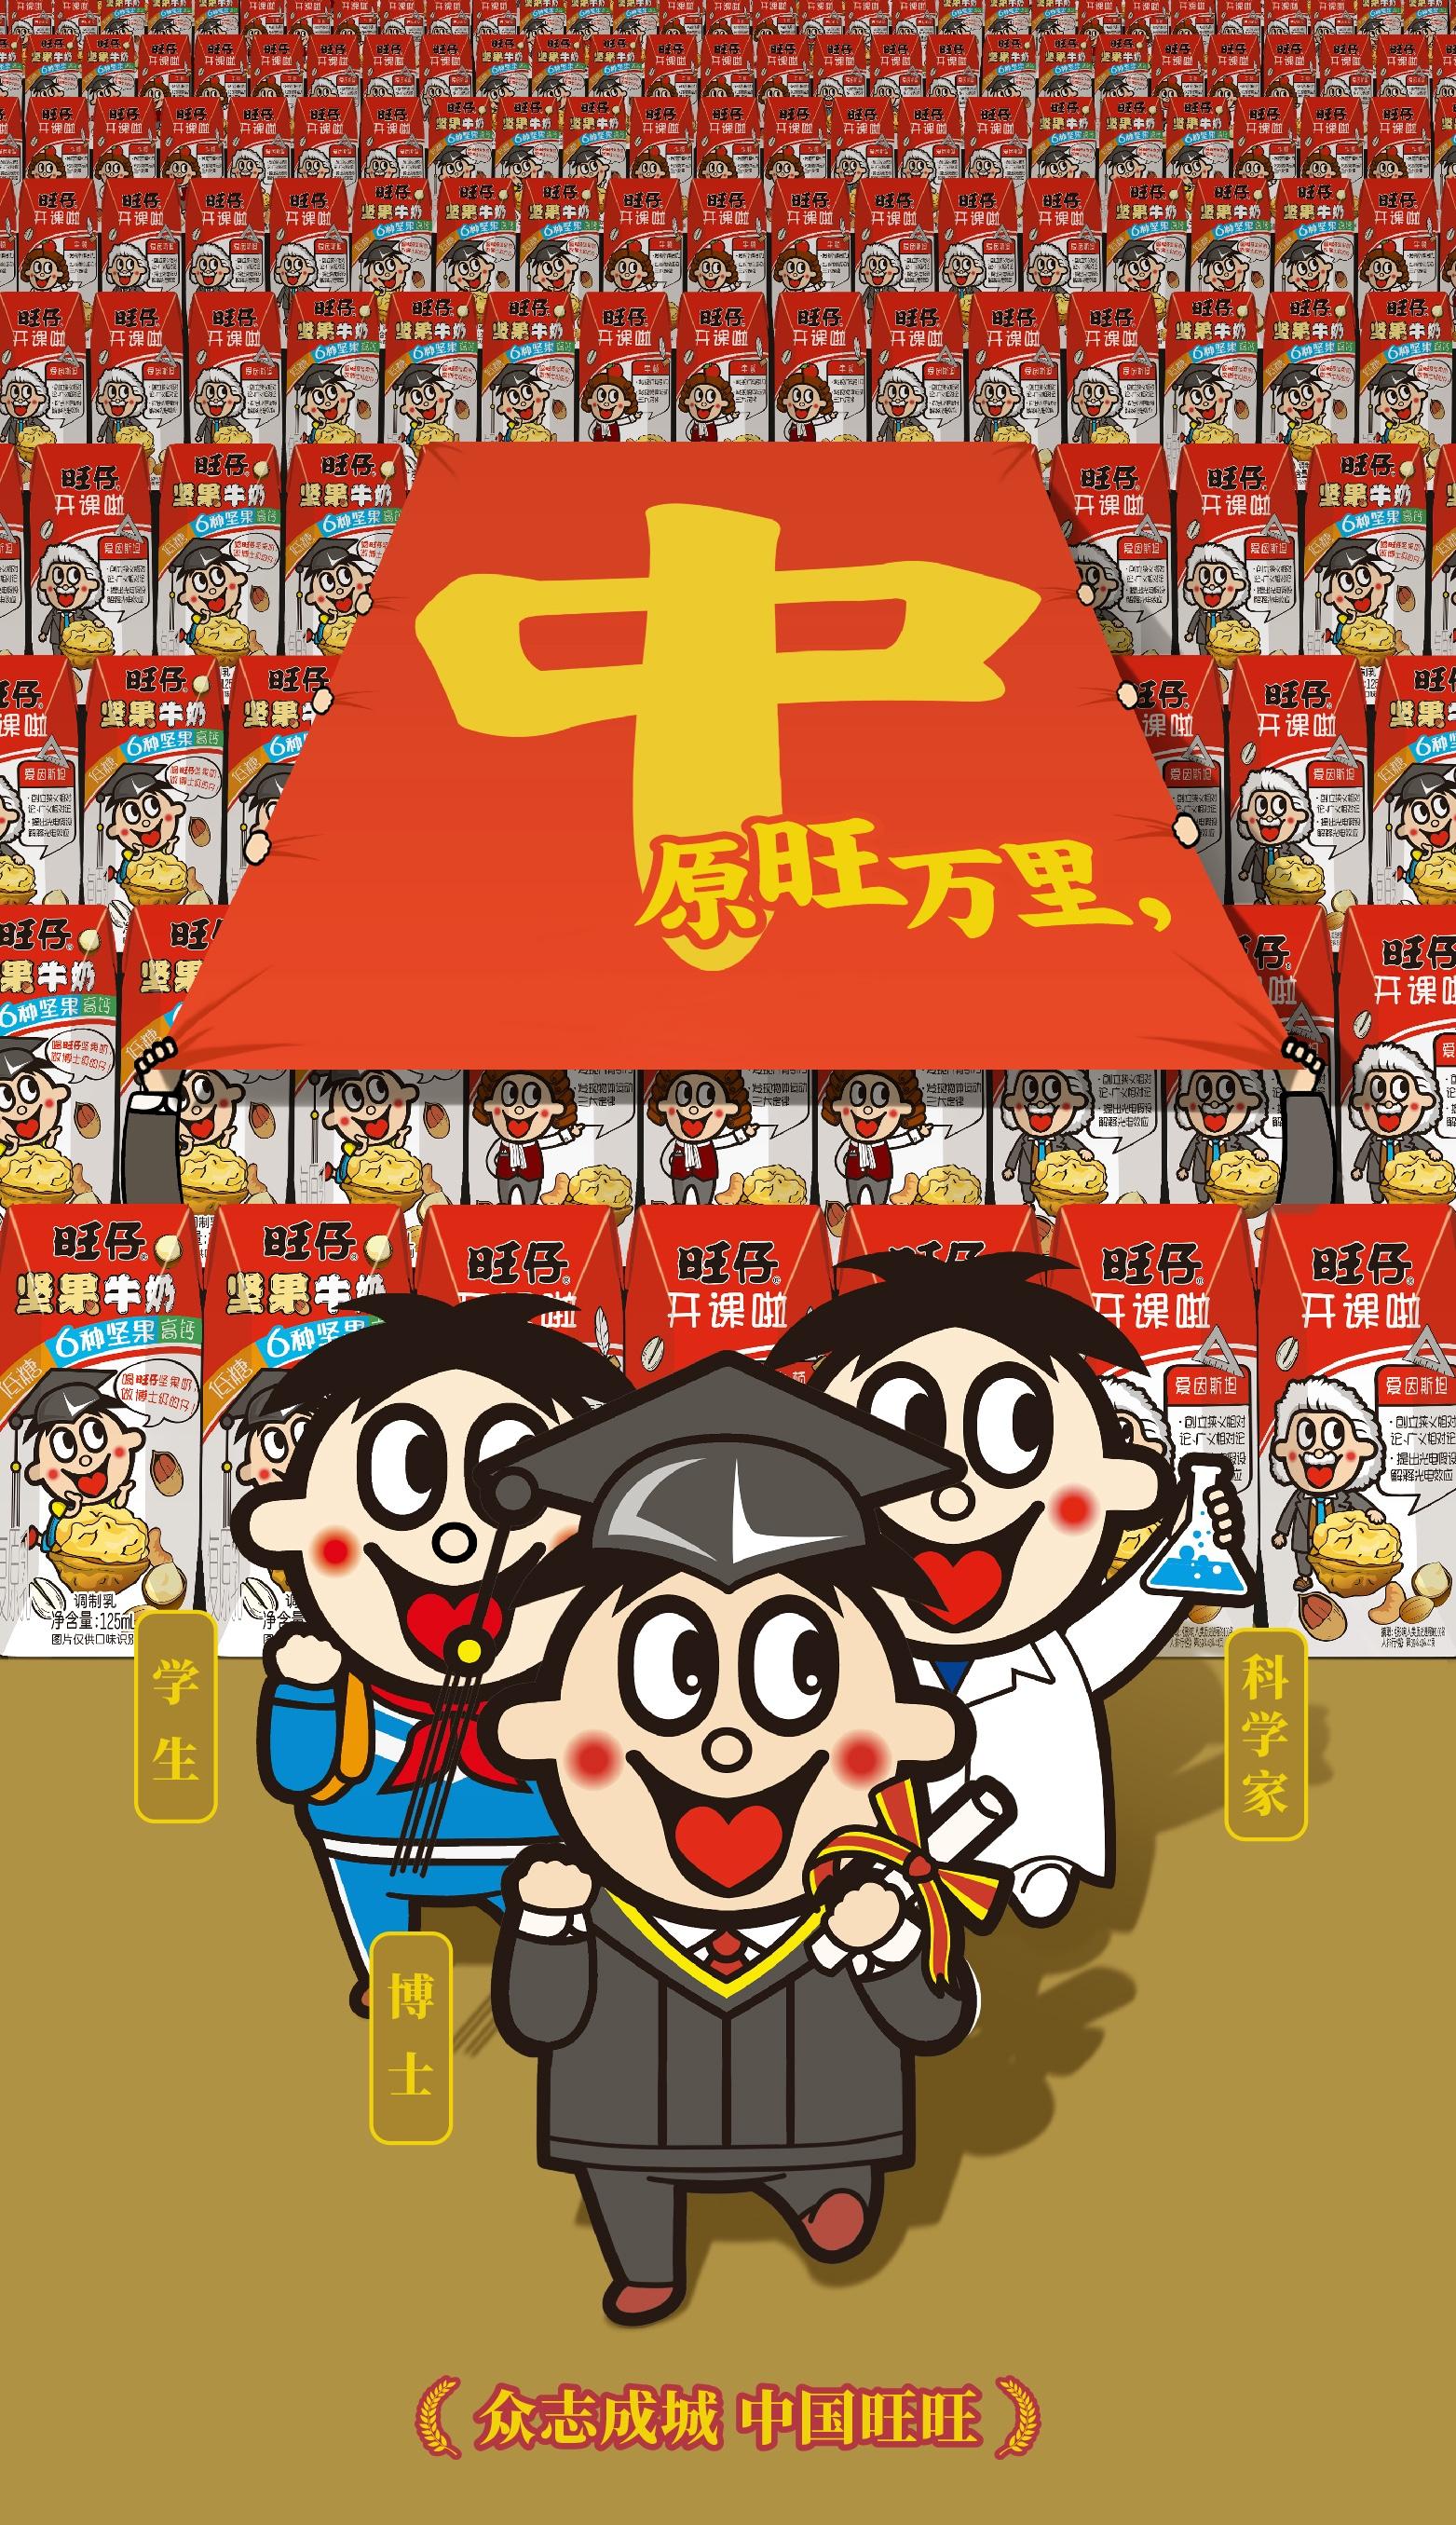 0929旺仔职业罐-坚果.jpg